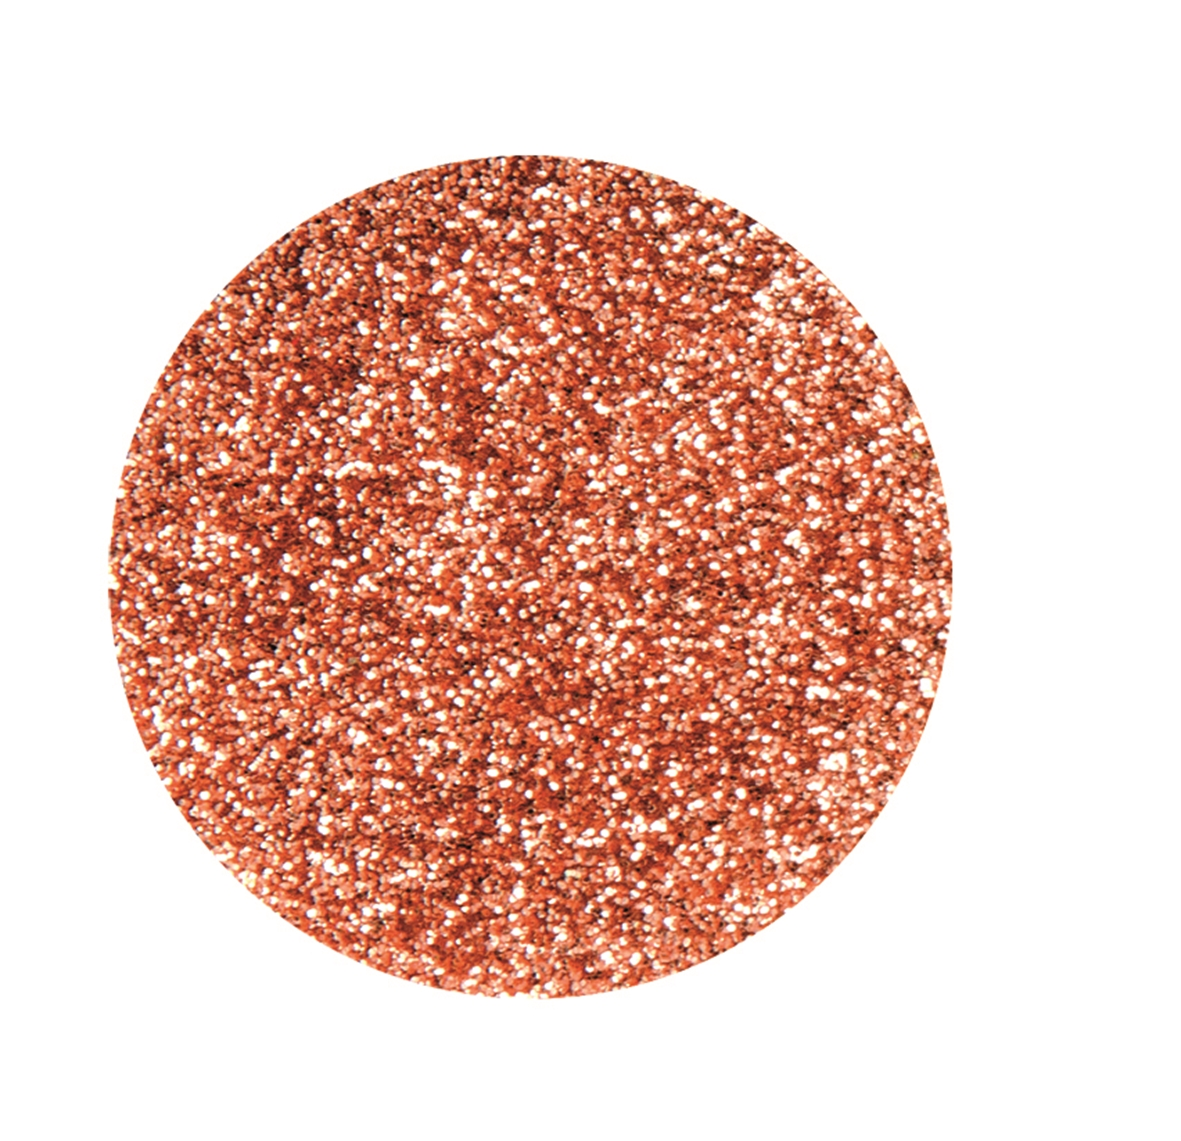 Boîte de 10 g de paillettes ultrafines - Coloris bronze